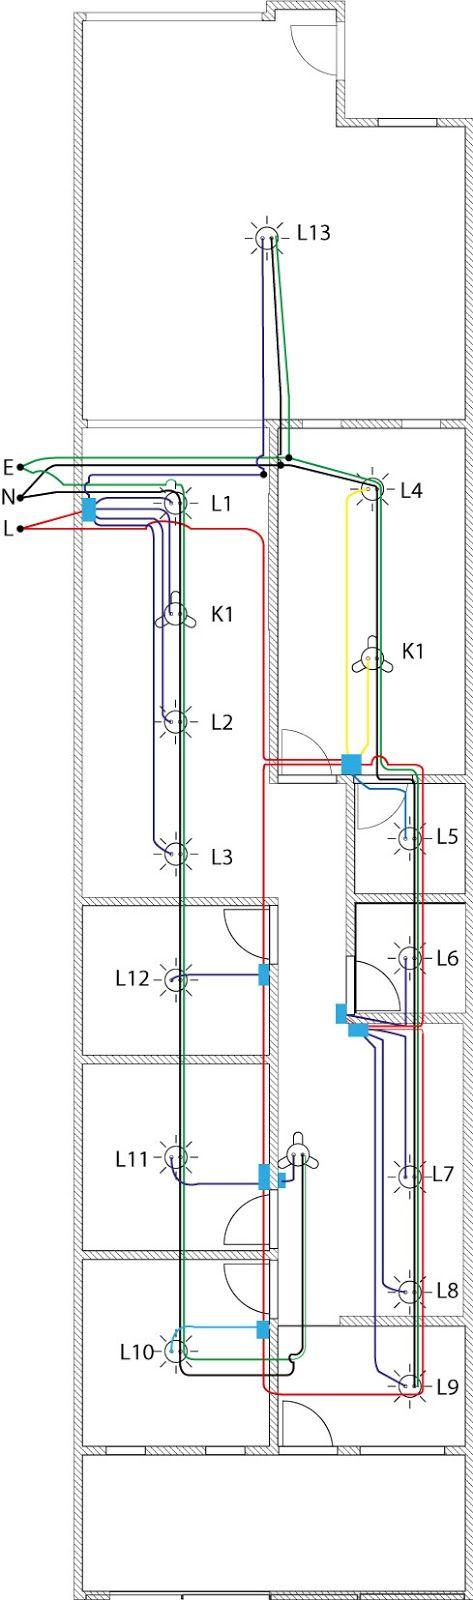 Pelan Rumah Budget Terbaik E Step Pendawaian Rumah House Wiring Bahagian 2